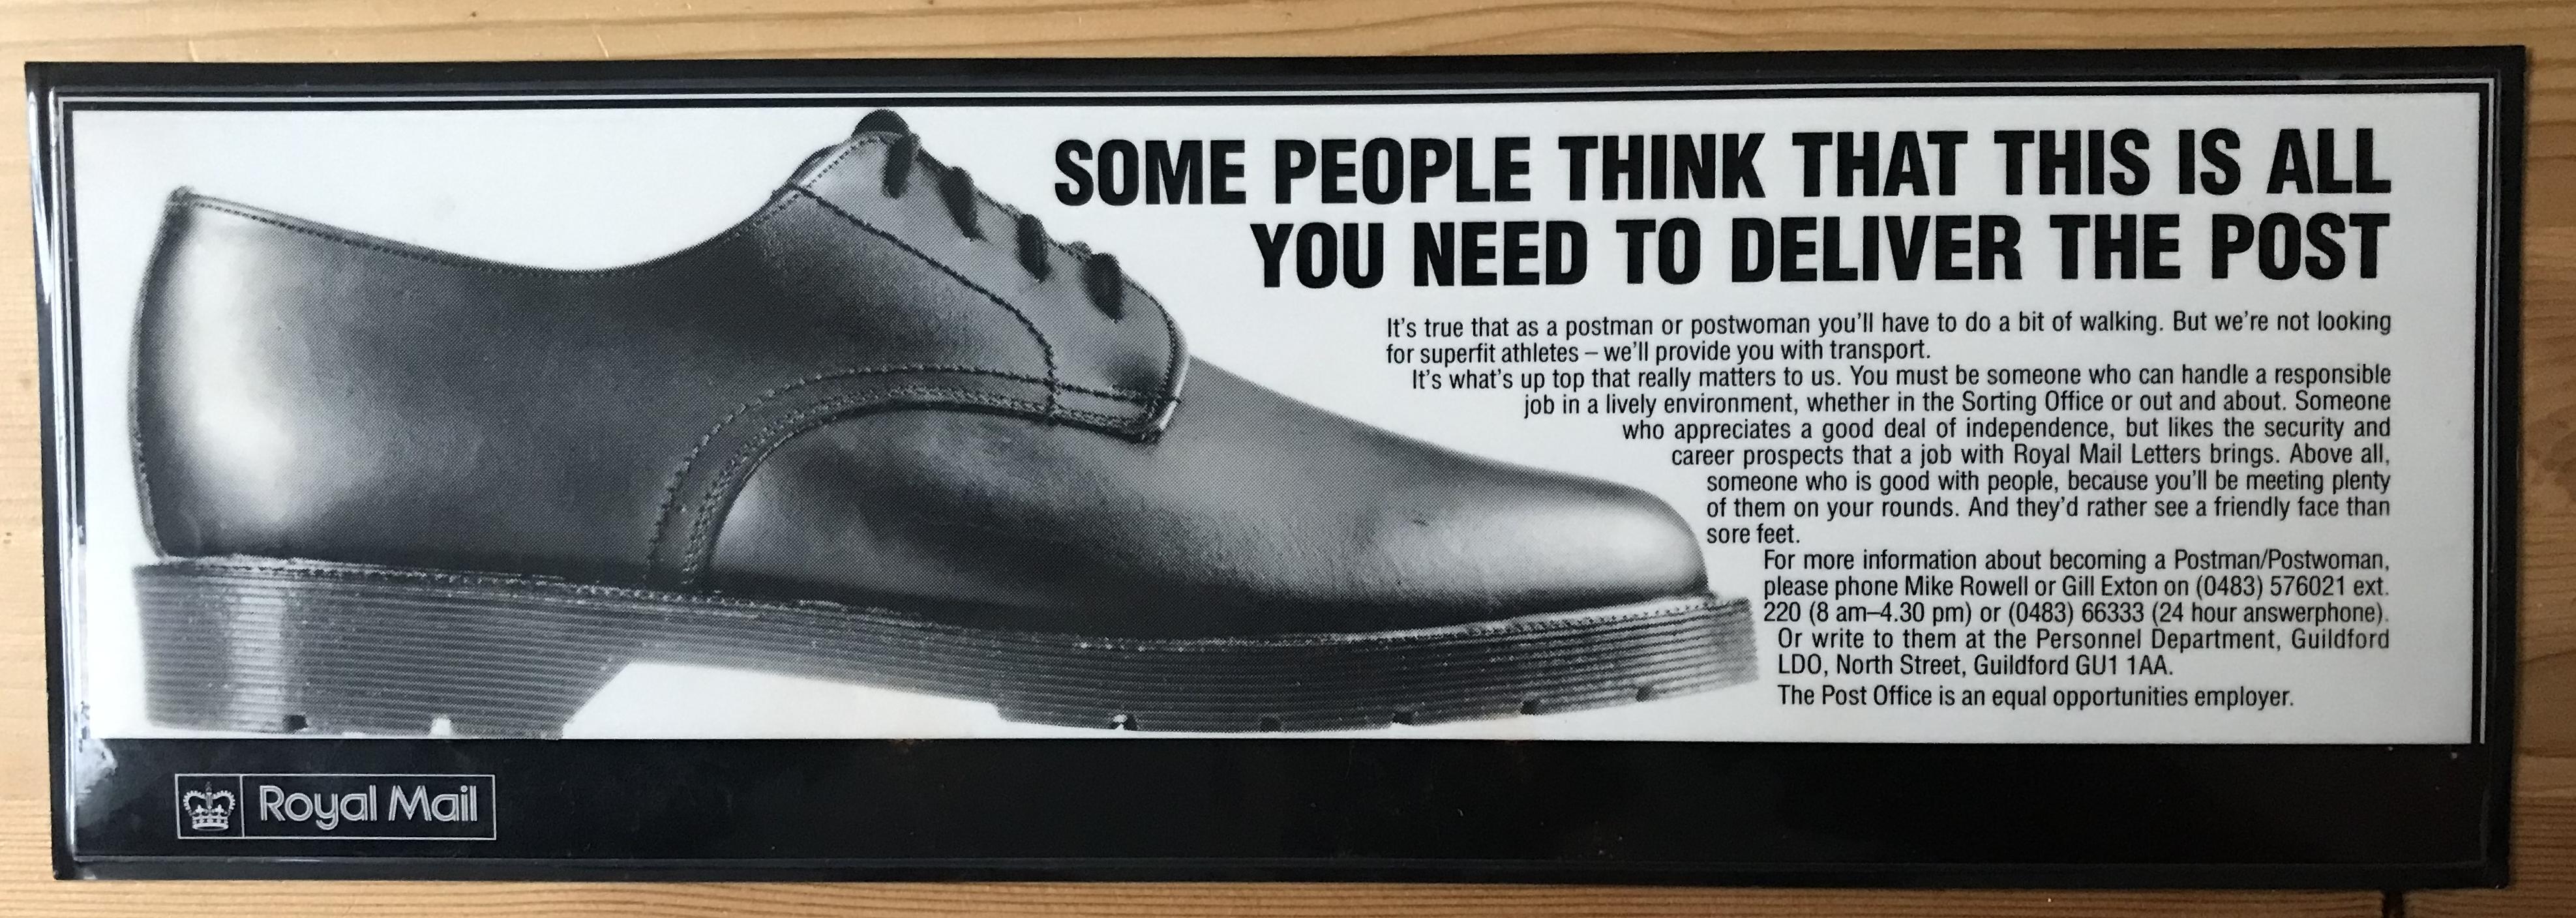 Royal Mail - press ad